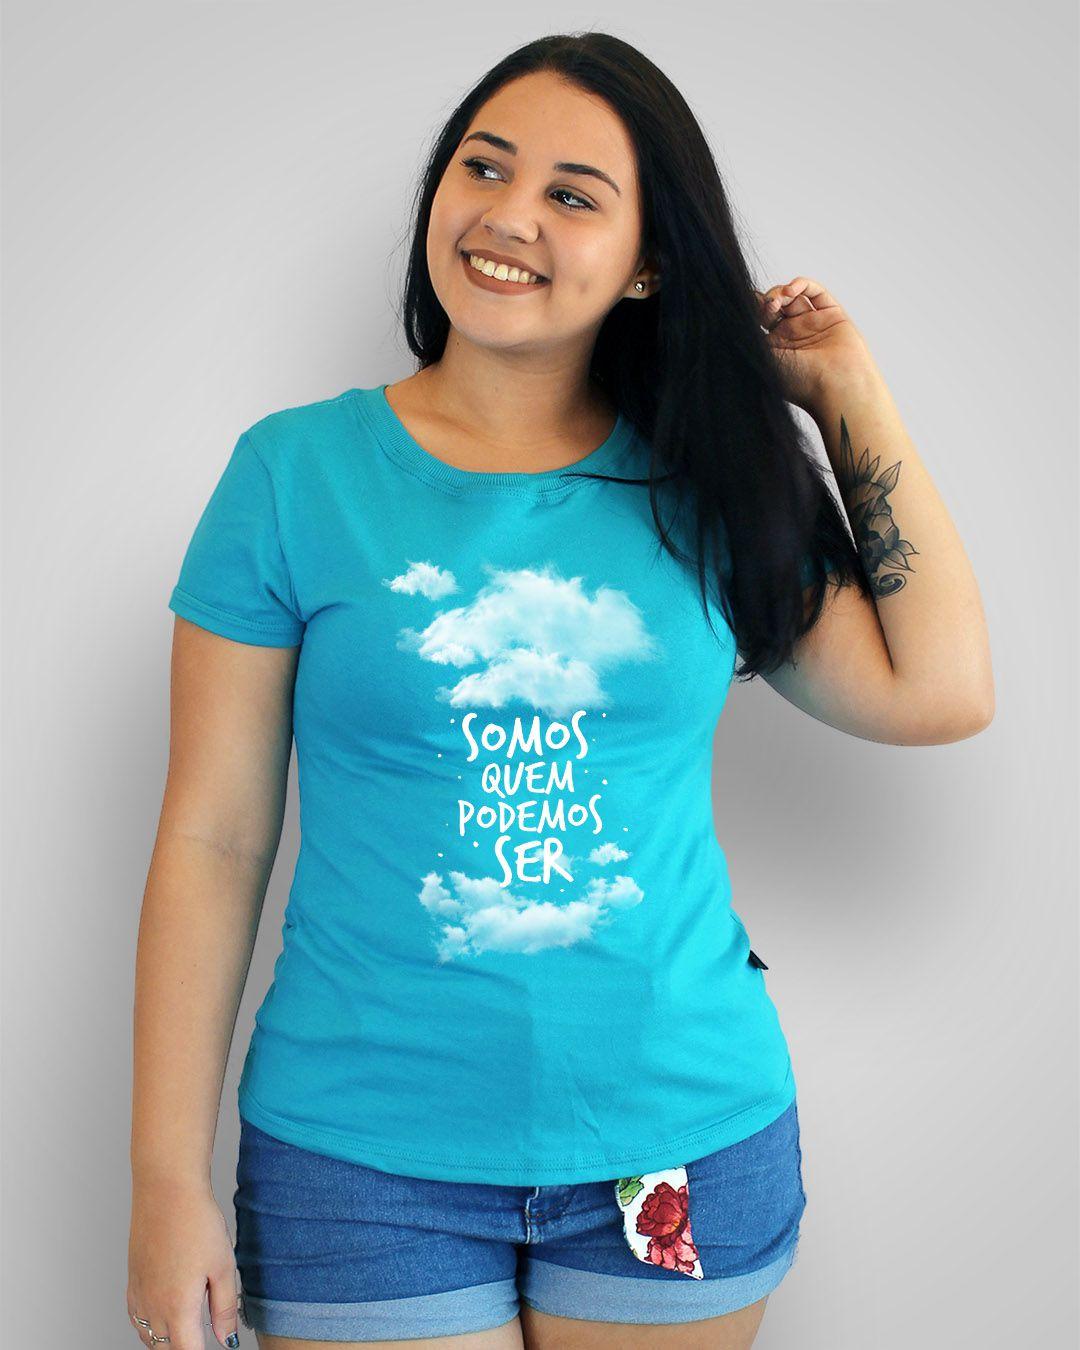 Camiseta Somos quem podemos ser - Engenheiros do Hawaii